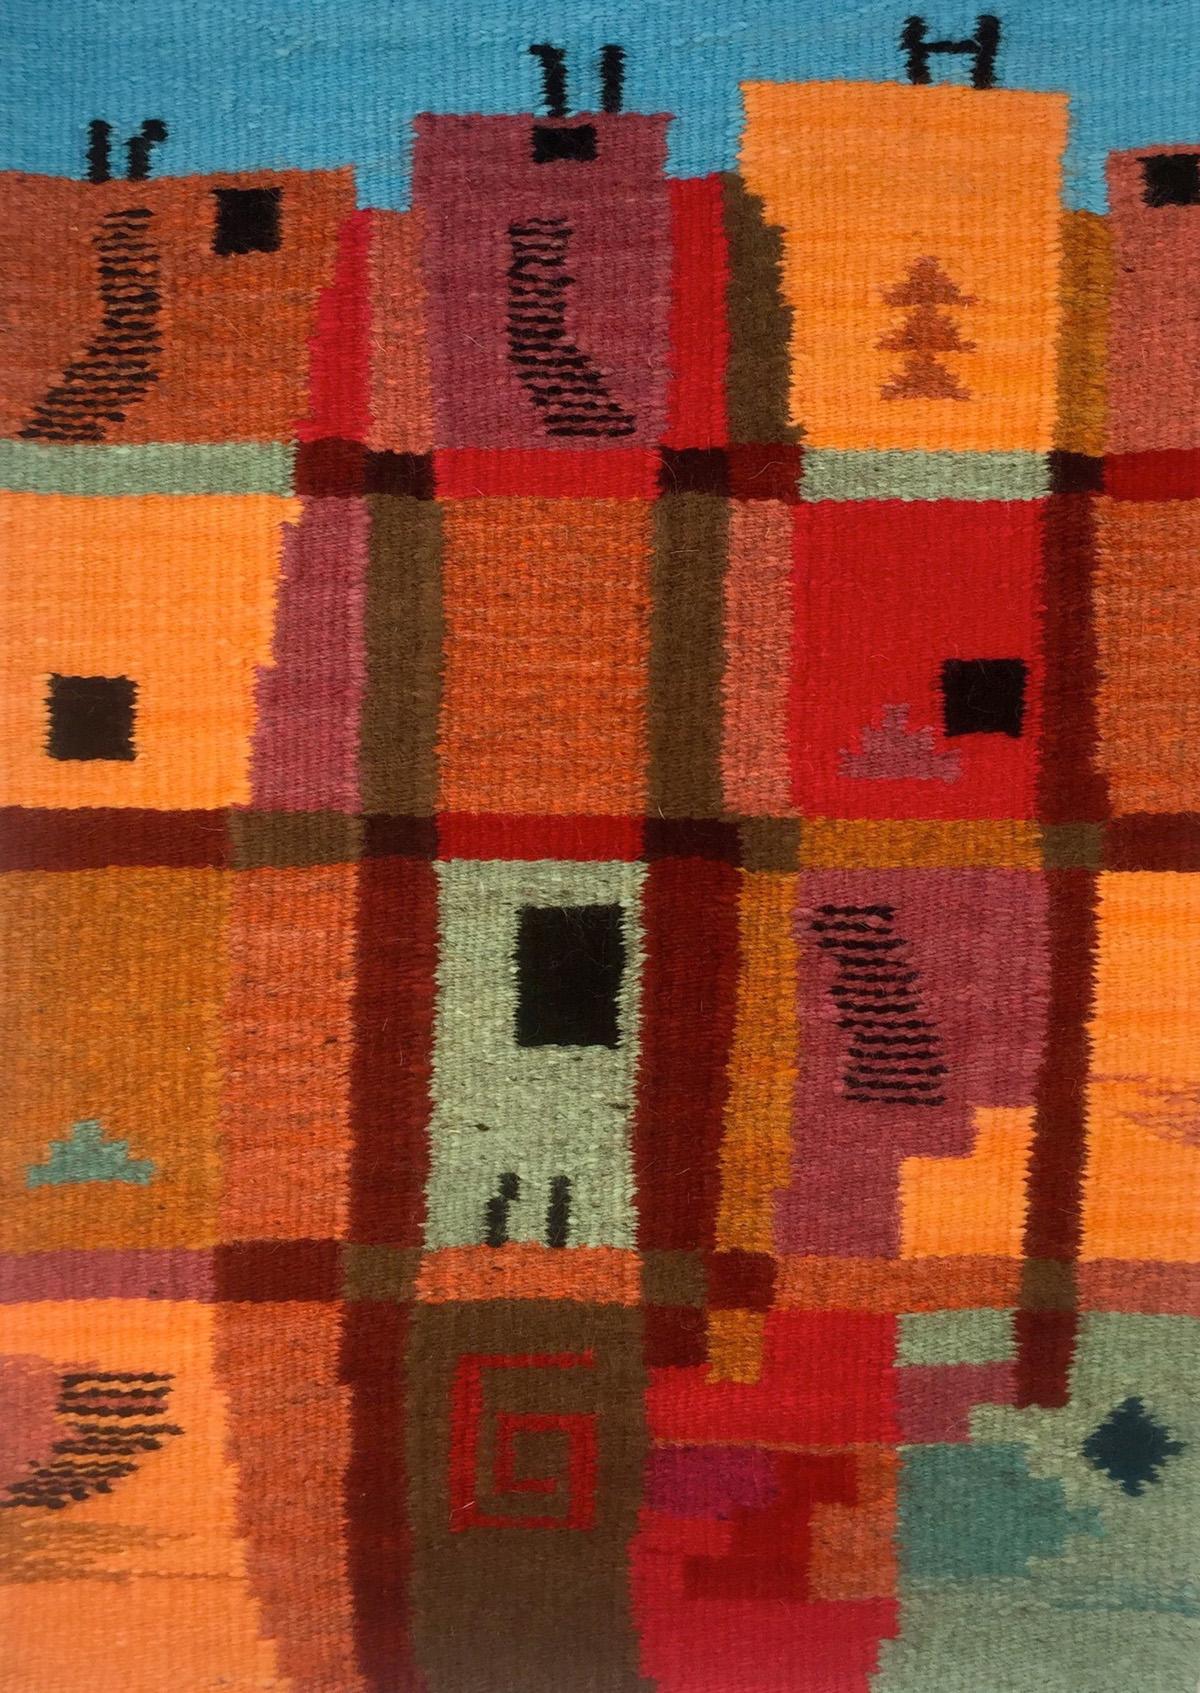 Pueblo, 24 in x 36 in